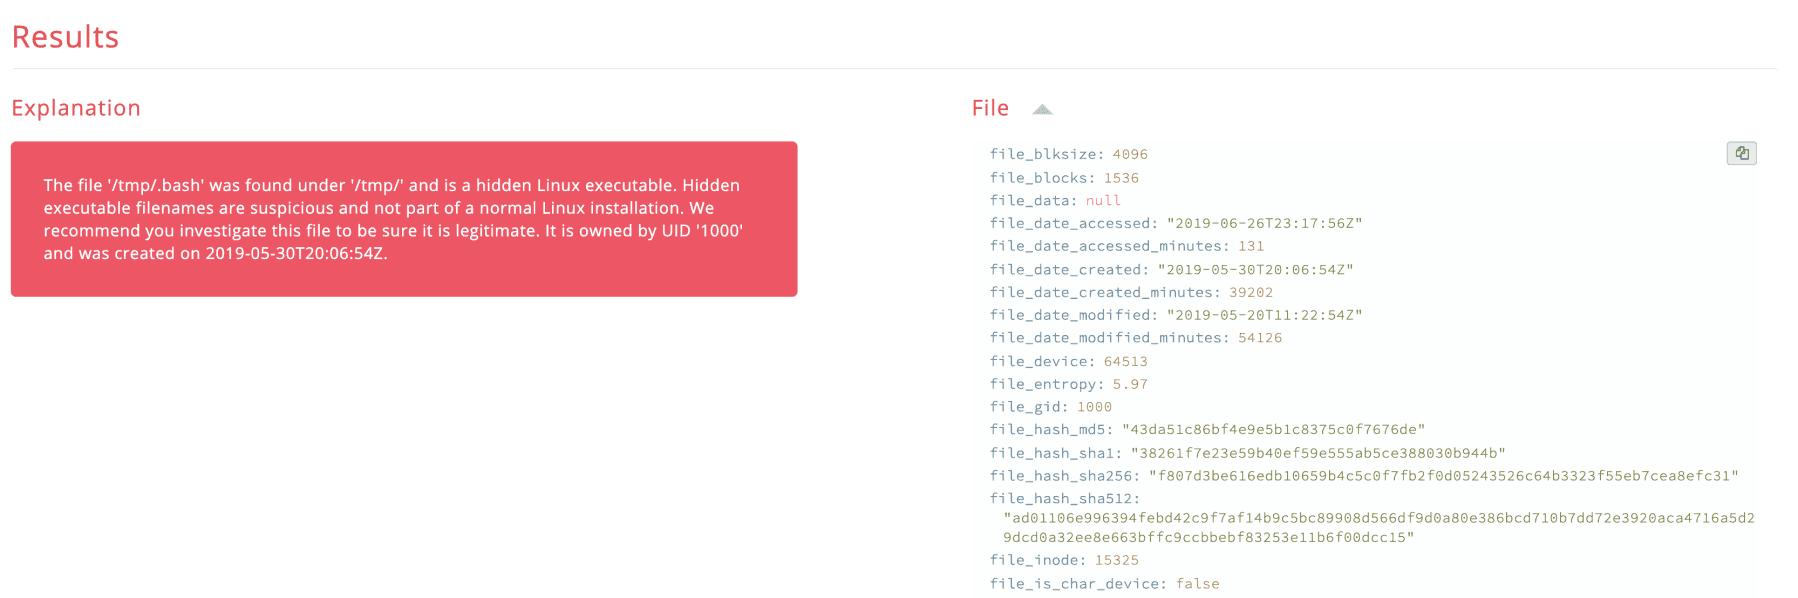 alarm file attributes example